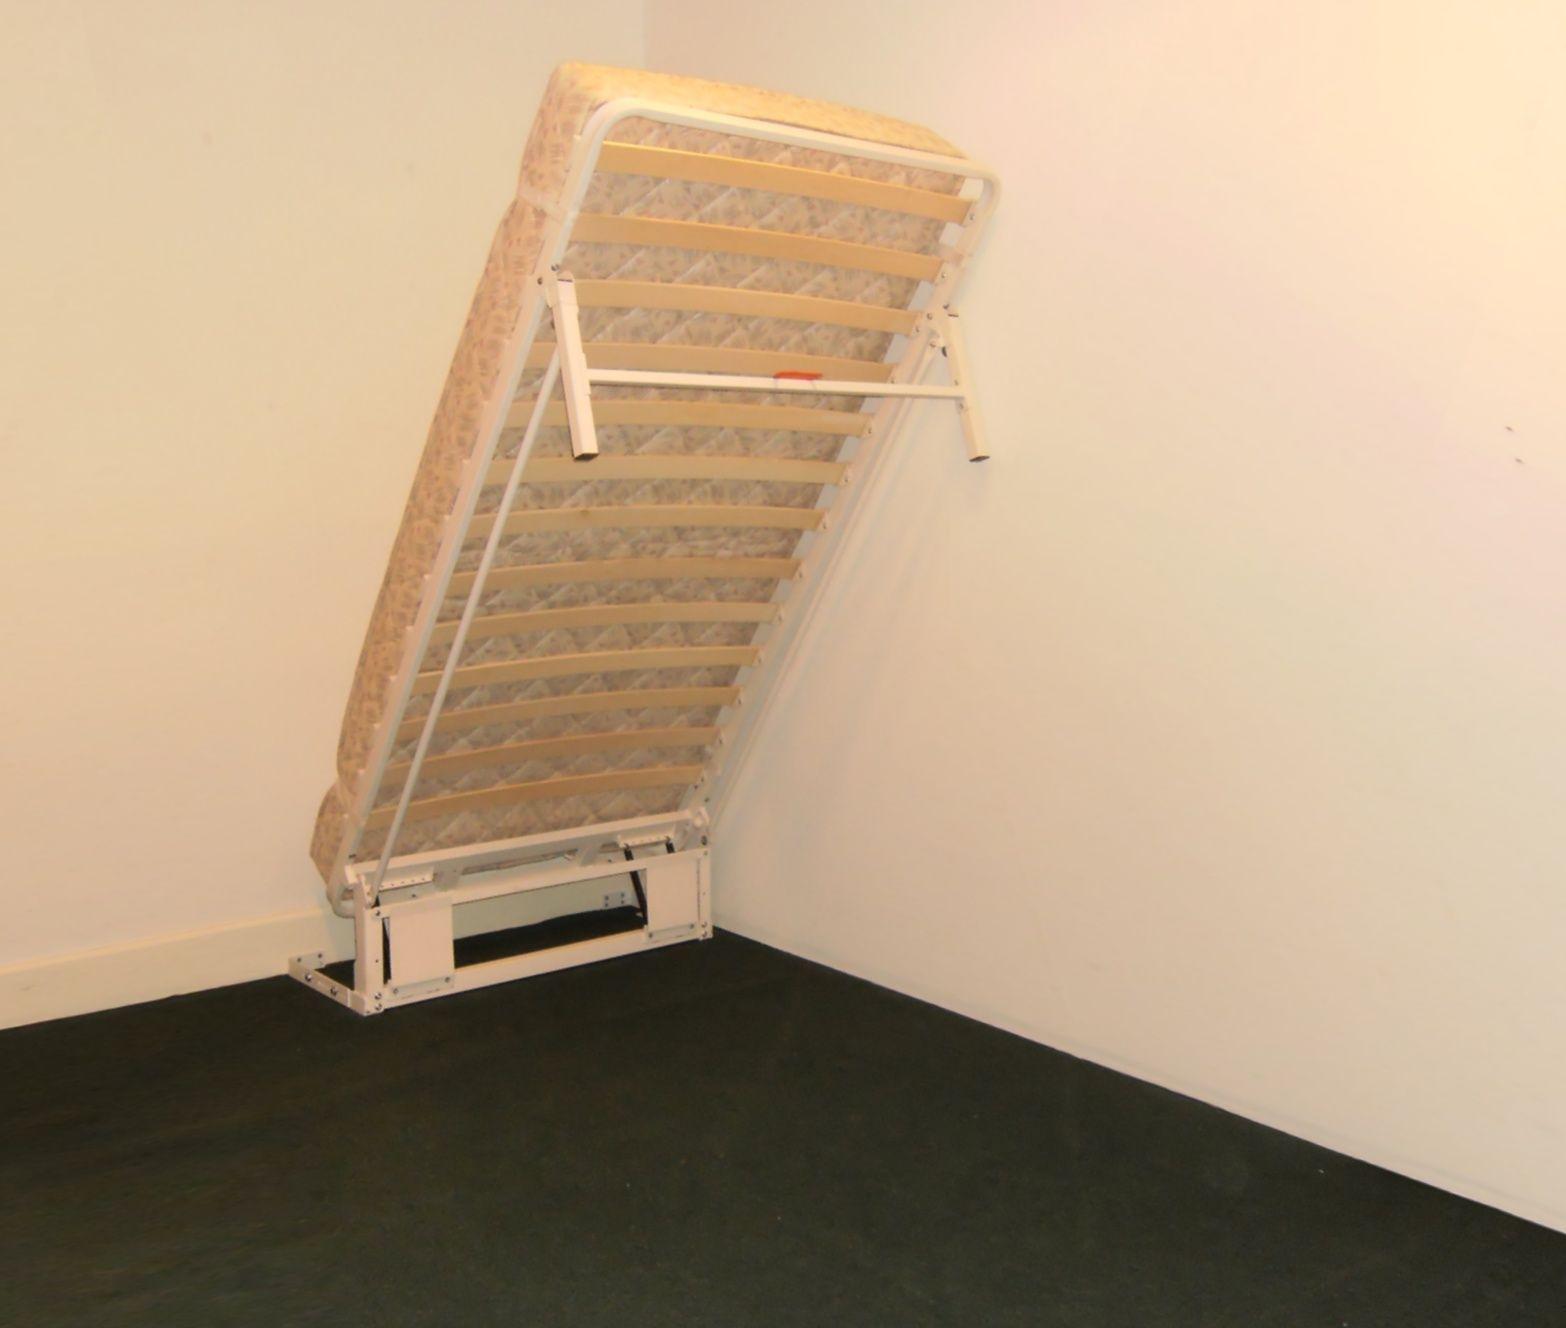 Diy murphy bed diy murphy bed mechanism woodworking project diy murphy bed diy murphy bed mechanism woodworking project plans solutioingenieria Gallery